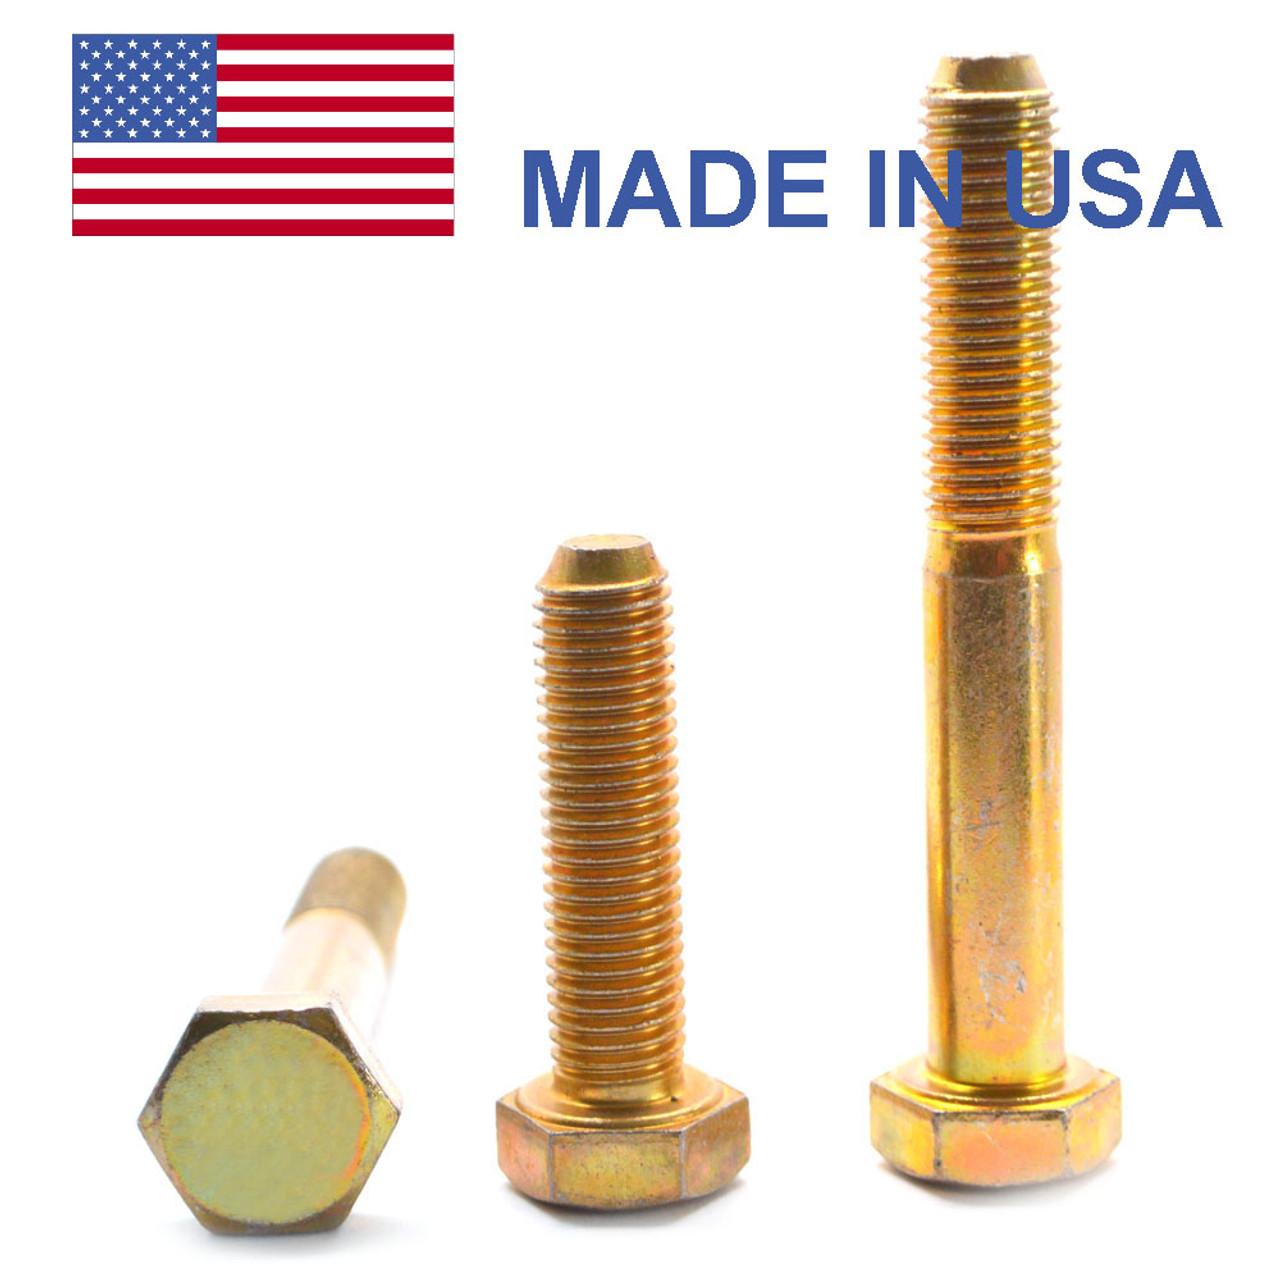 """5/16""""-24 x 2 1/2"""" (PT) Fine Thread Grade 8 Hex Cap Screw (Bolt) - USA Alloy Steel Yellow Zinc Plated"""